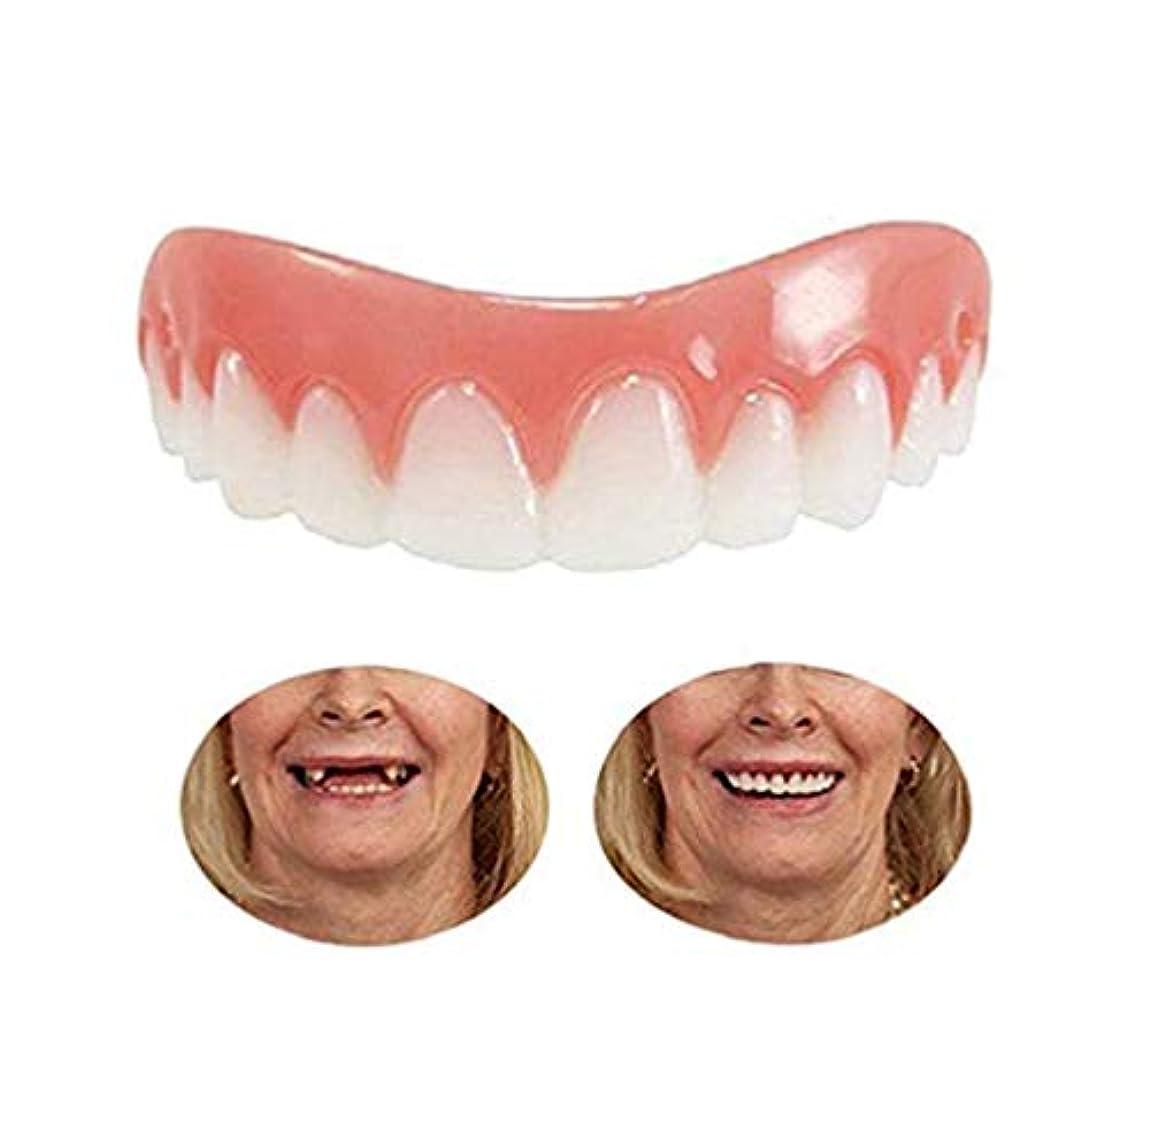 悪性腫瘍無視できるネズミ化粧品歯科ベニヤパーフェクトスマイルインスタントスマイル歯科快適なトップベニア化粧品を白くする2個の 一時的な義歯義歯